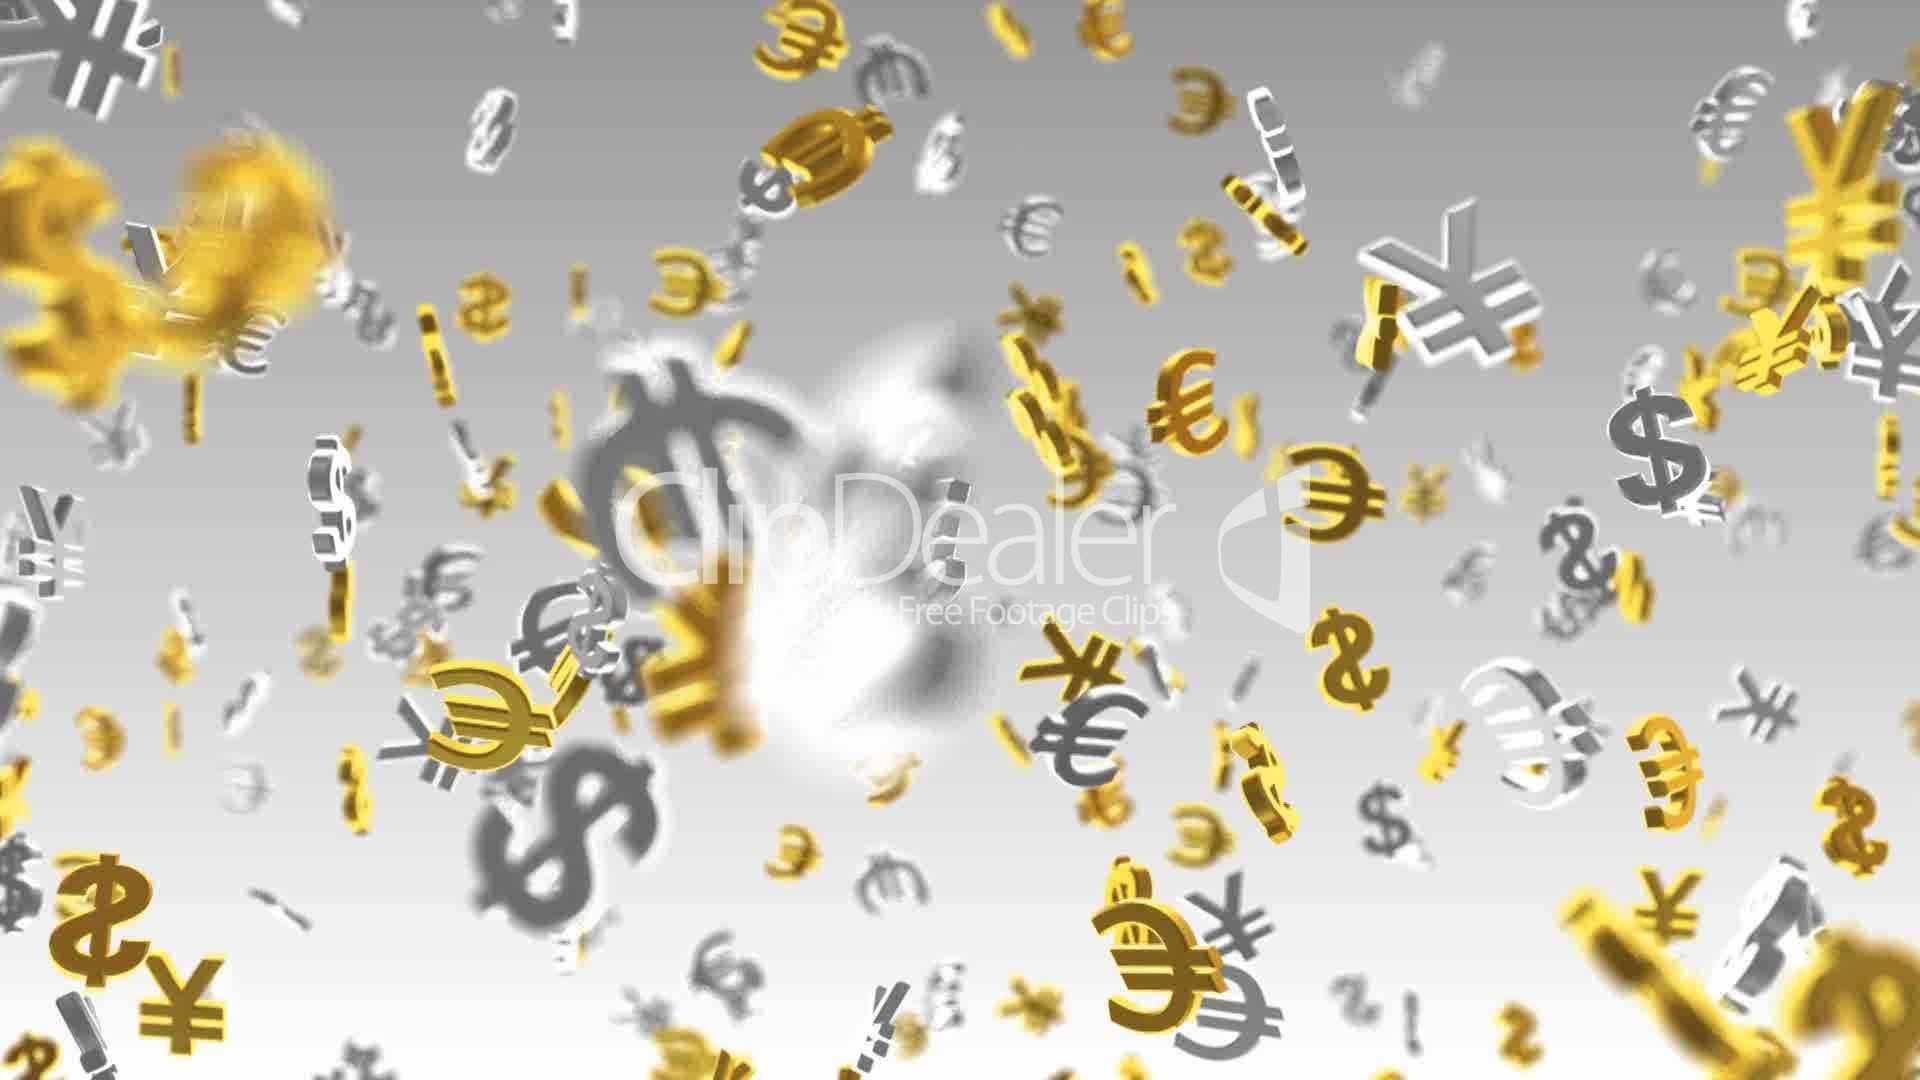 Заставки на рабочий стол для привлечения денег014